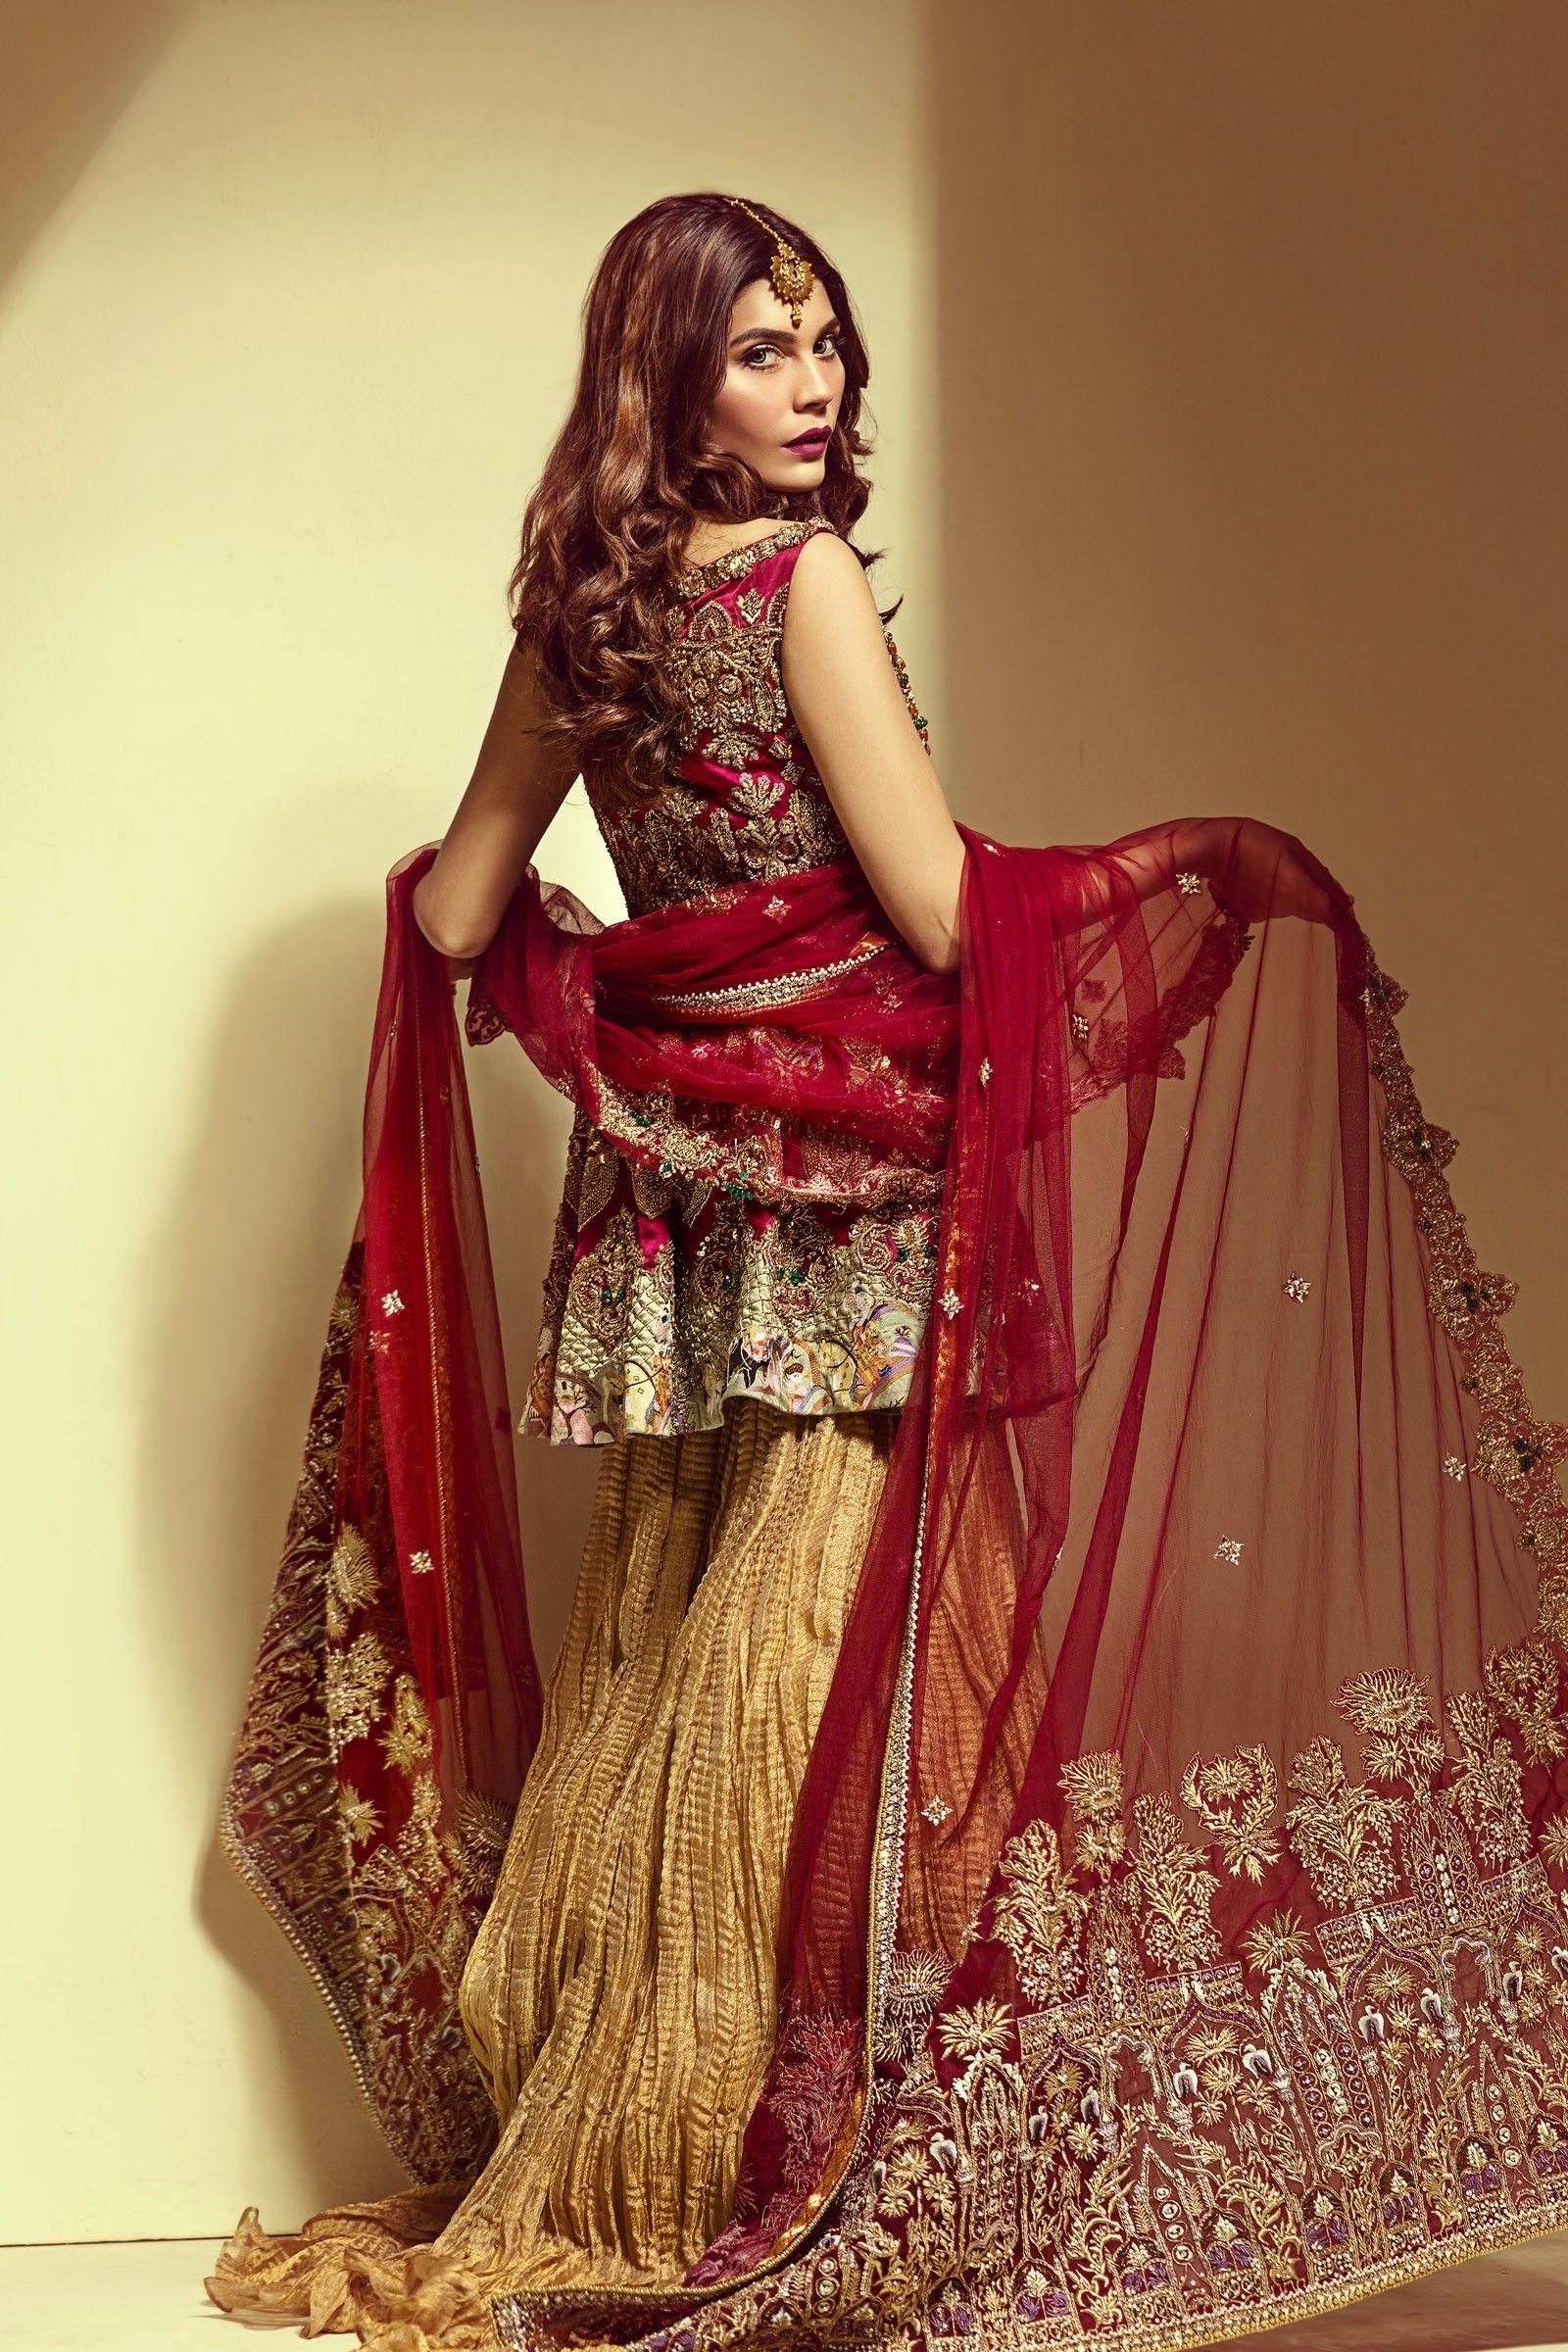 fd9a2e1025 AVP-14 - US - Mahgul Pakistani Mehndi Dress, Bridal Mehndi Dresses,  Pakistani